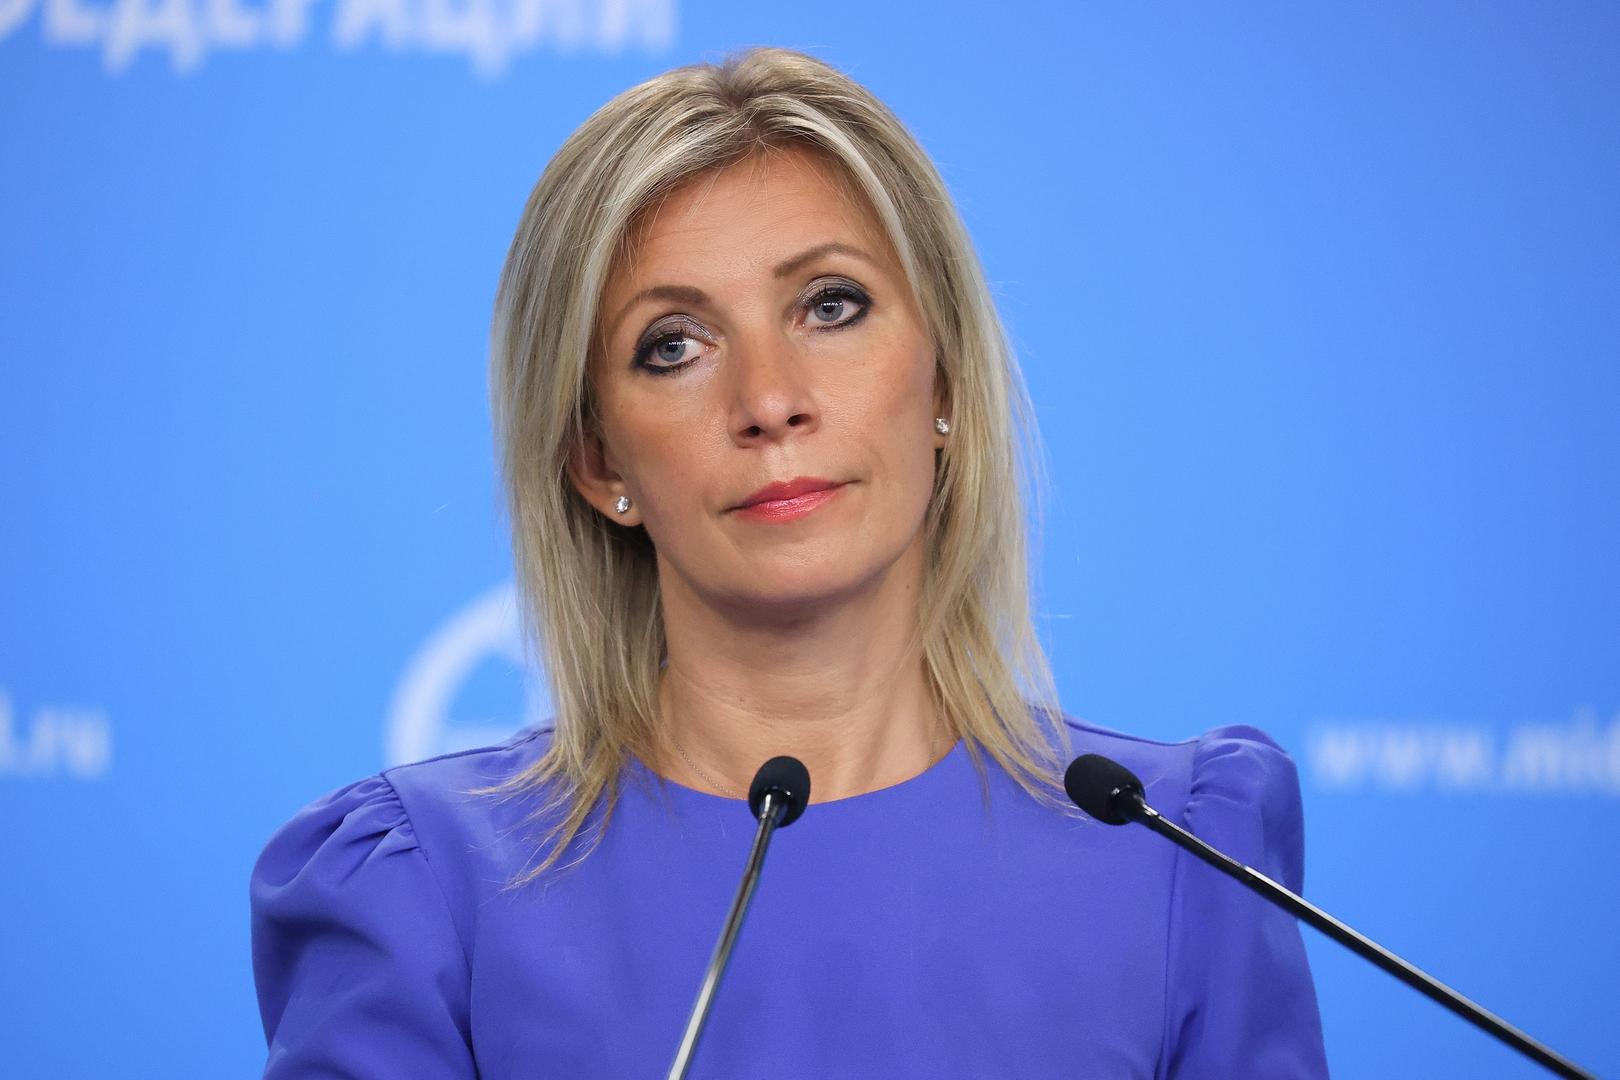 موسكو ترفض مطالب براغ بدفع تعويضات عن تفجيرات فربيتيتسي